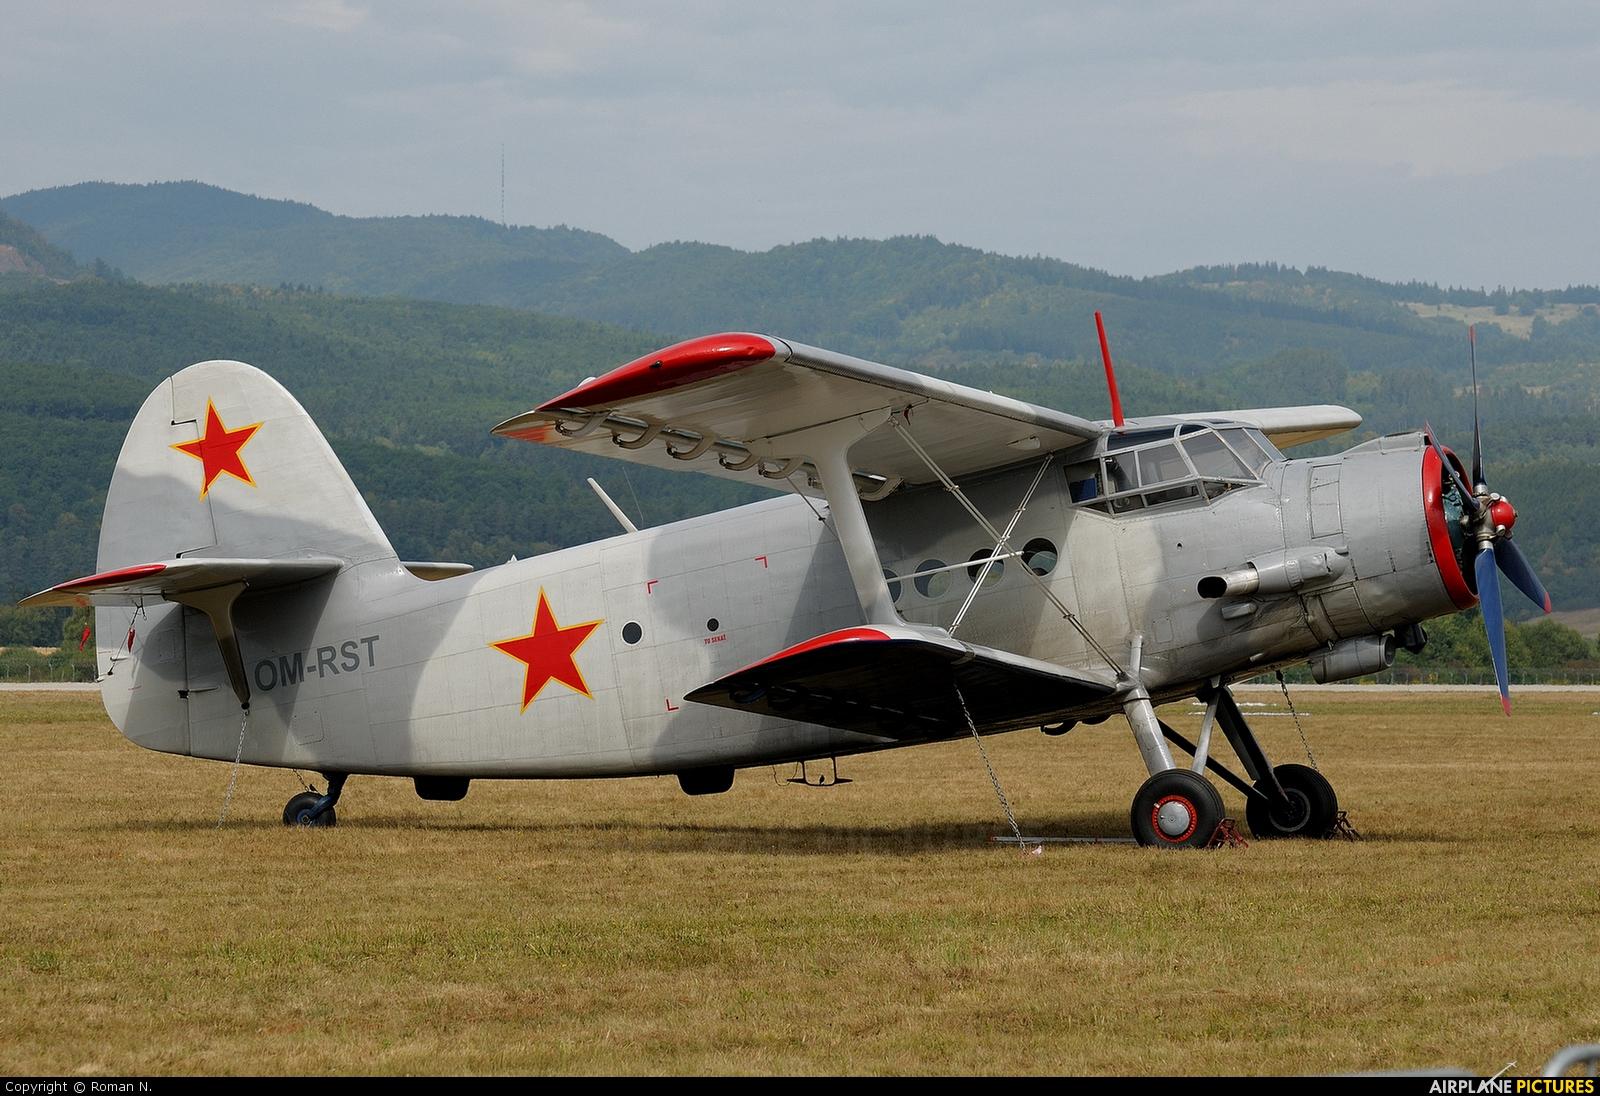 Private OM-RST aircraft at Sliač